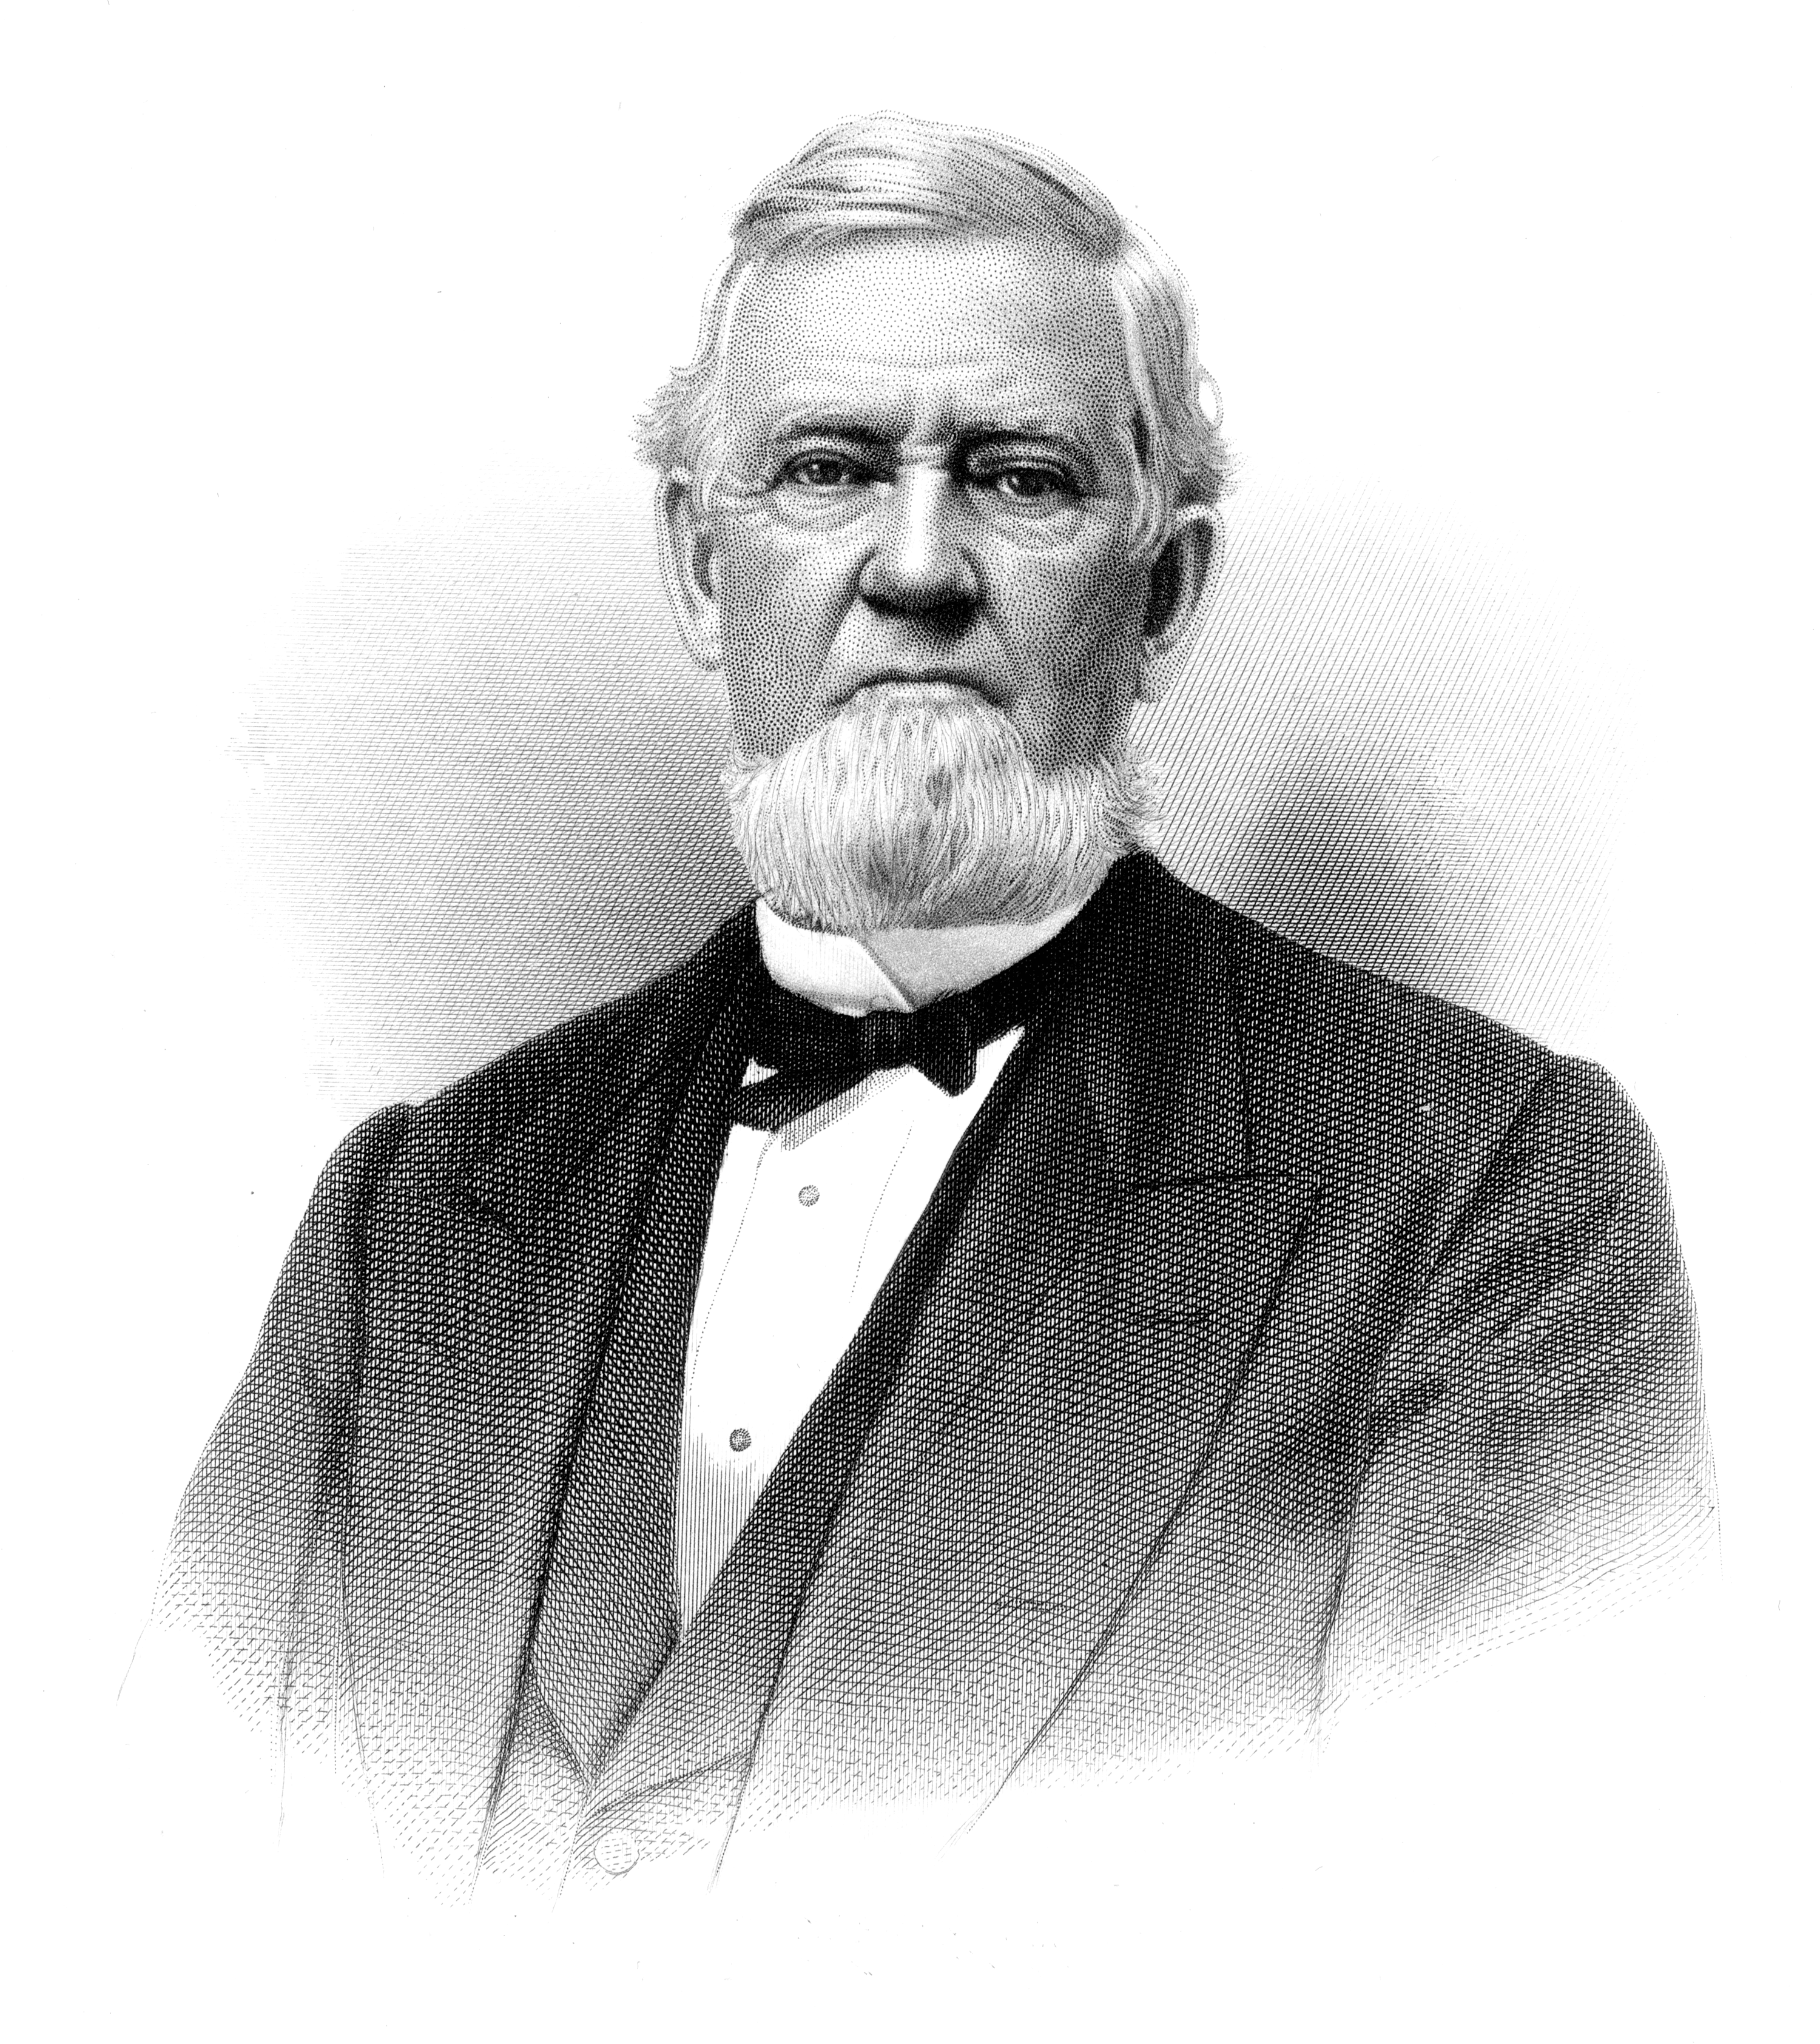 Image of Darius Goff from Wikidata